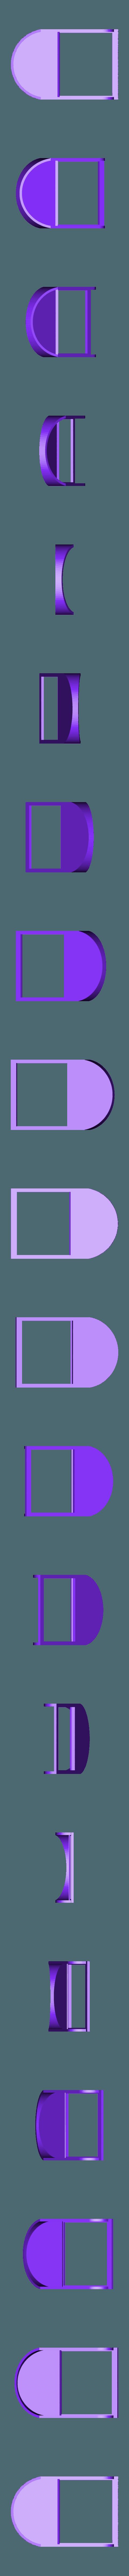 caisse.stl Télécharger fichier STL coccinelle ramasse miettes • Plan pour impression 3D, micaldez